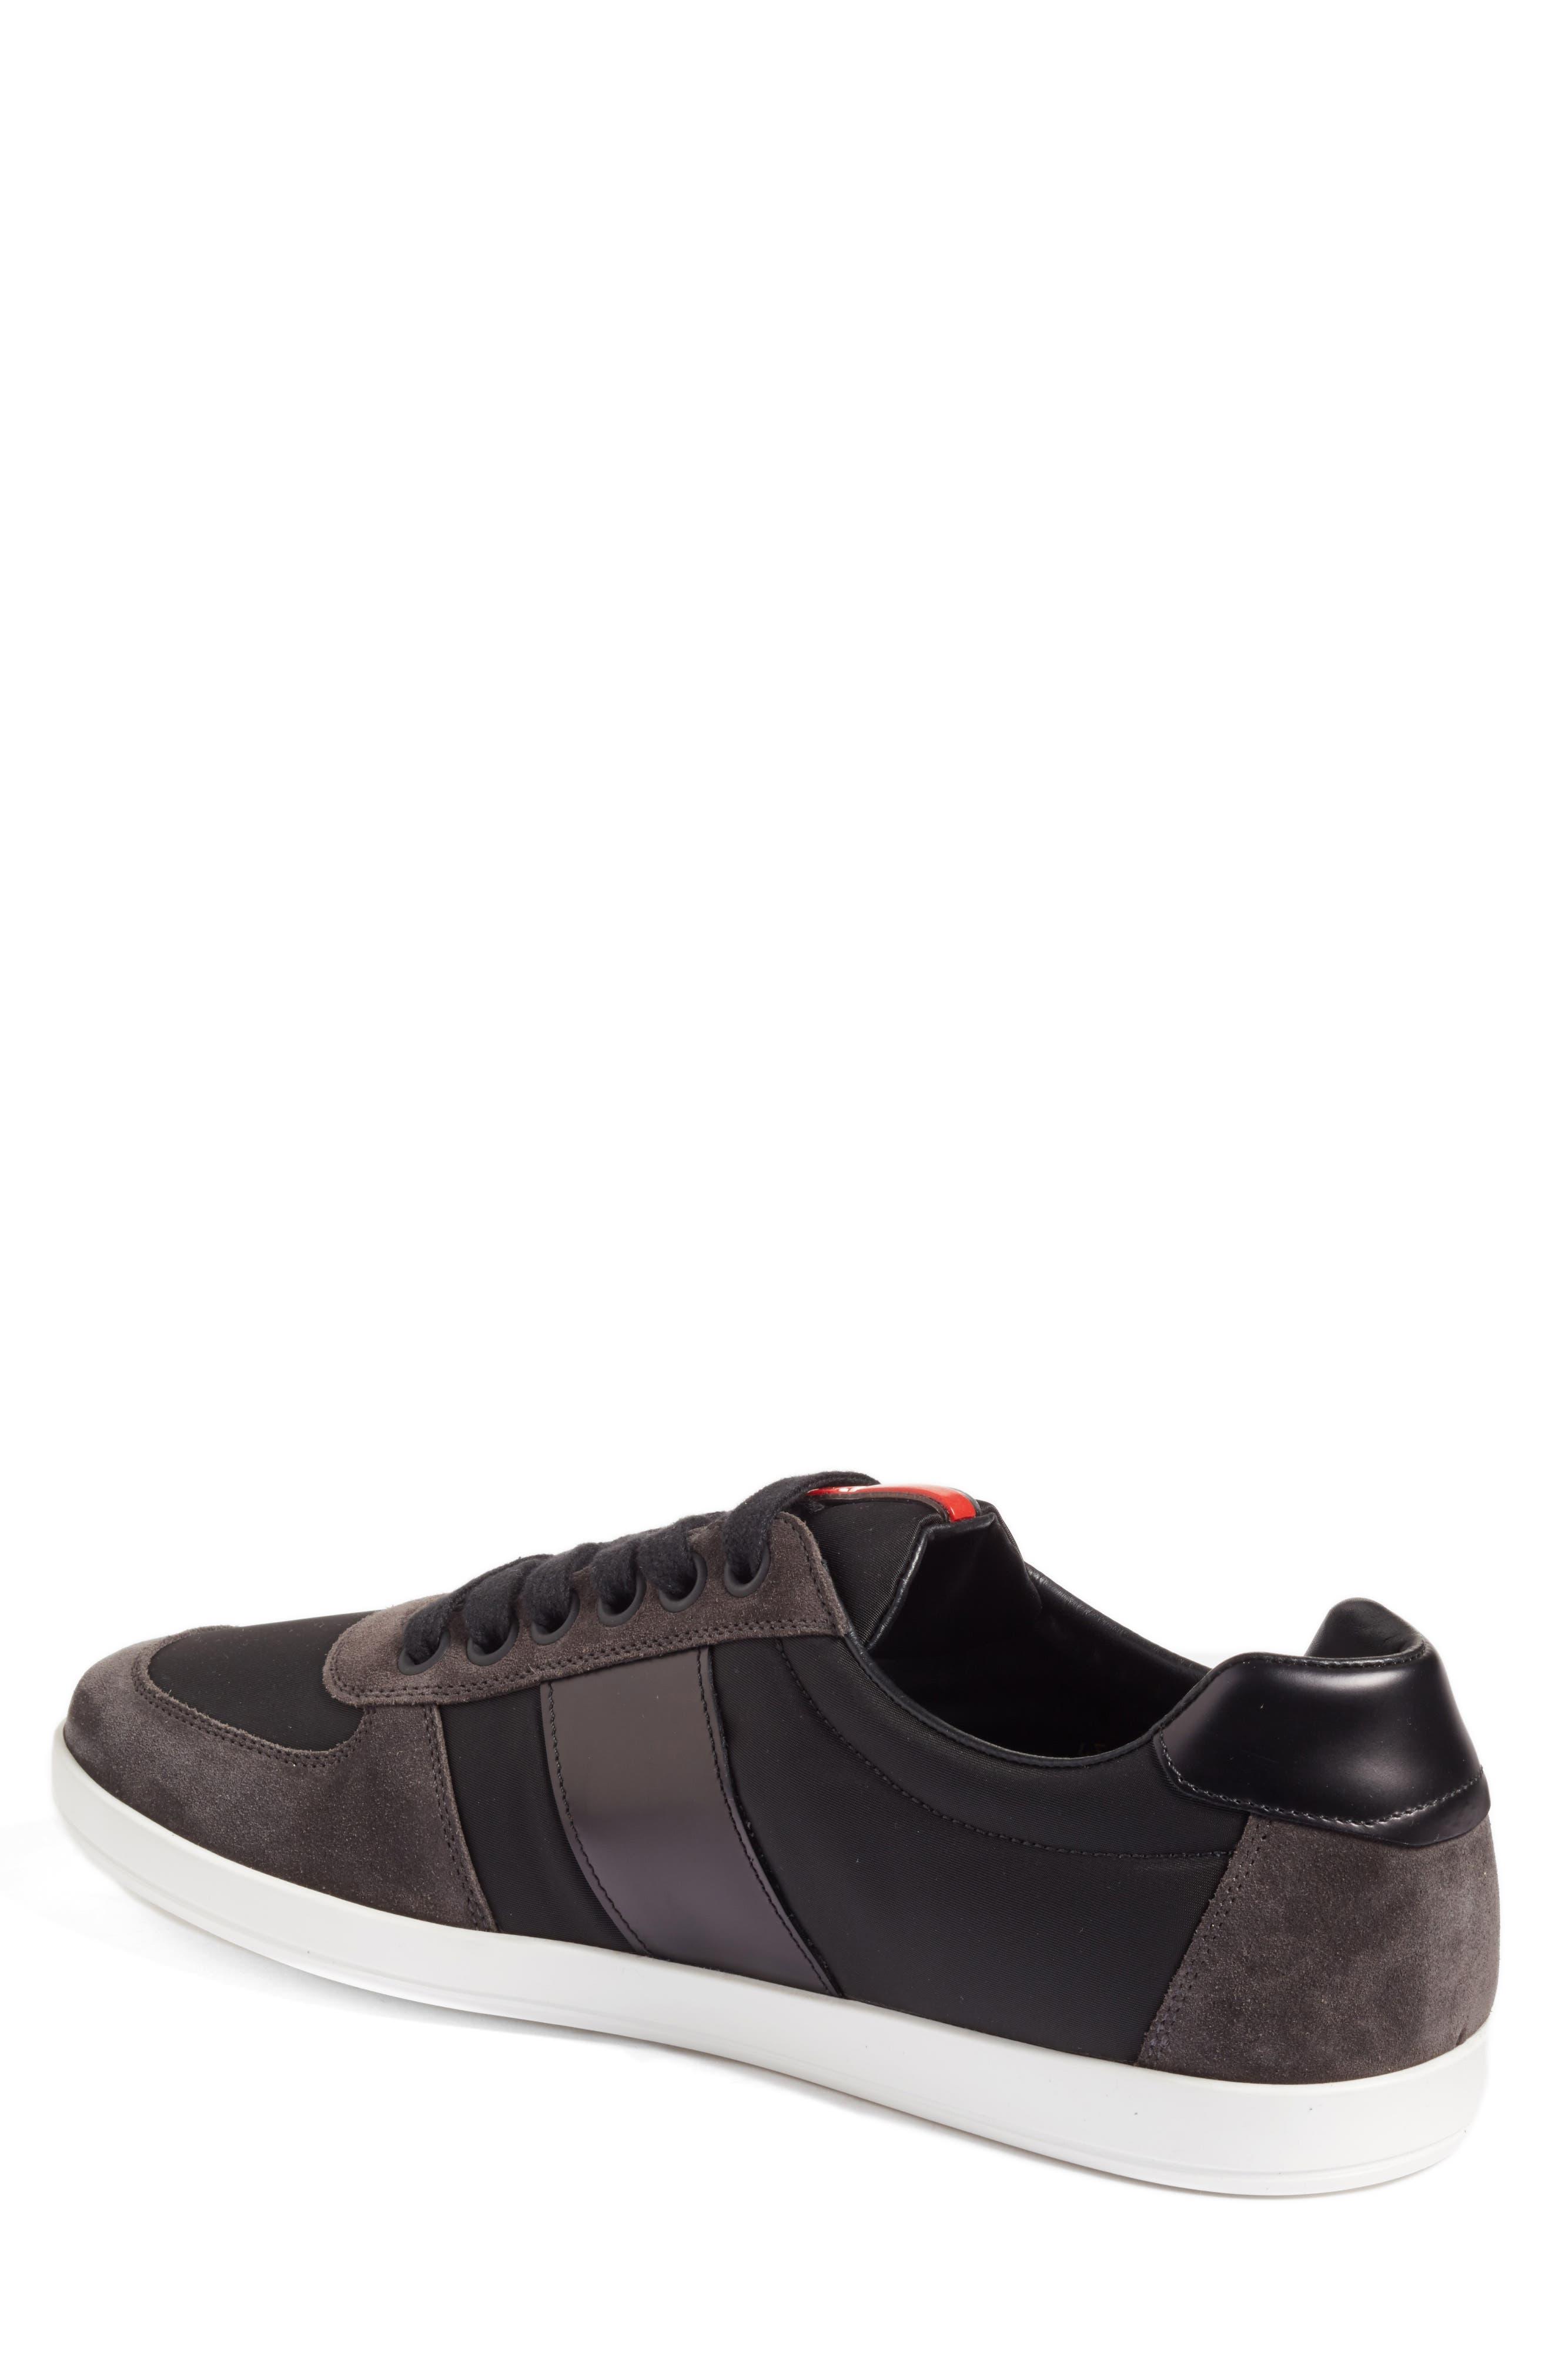 Linea Rossa Sneaker,                             Alternate thumbnail 2, color,                             010